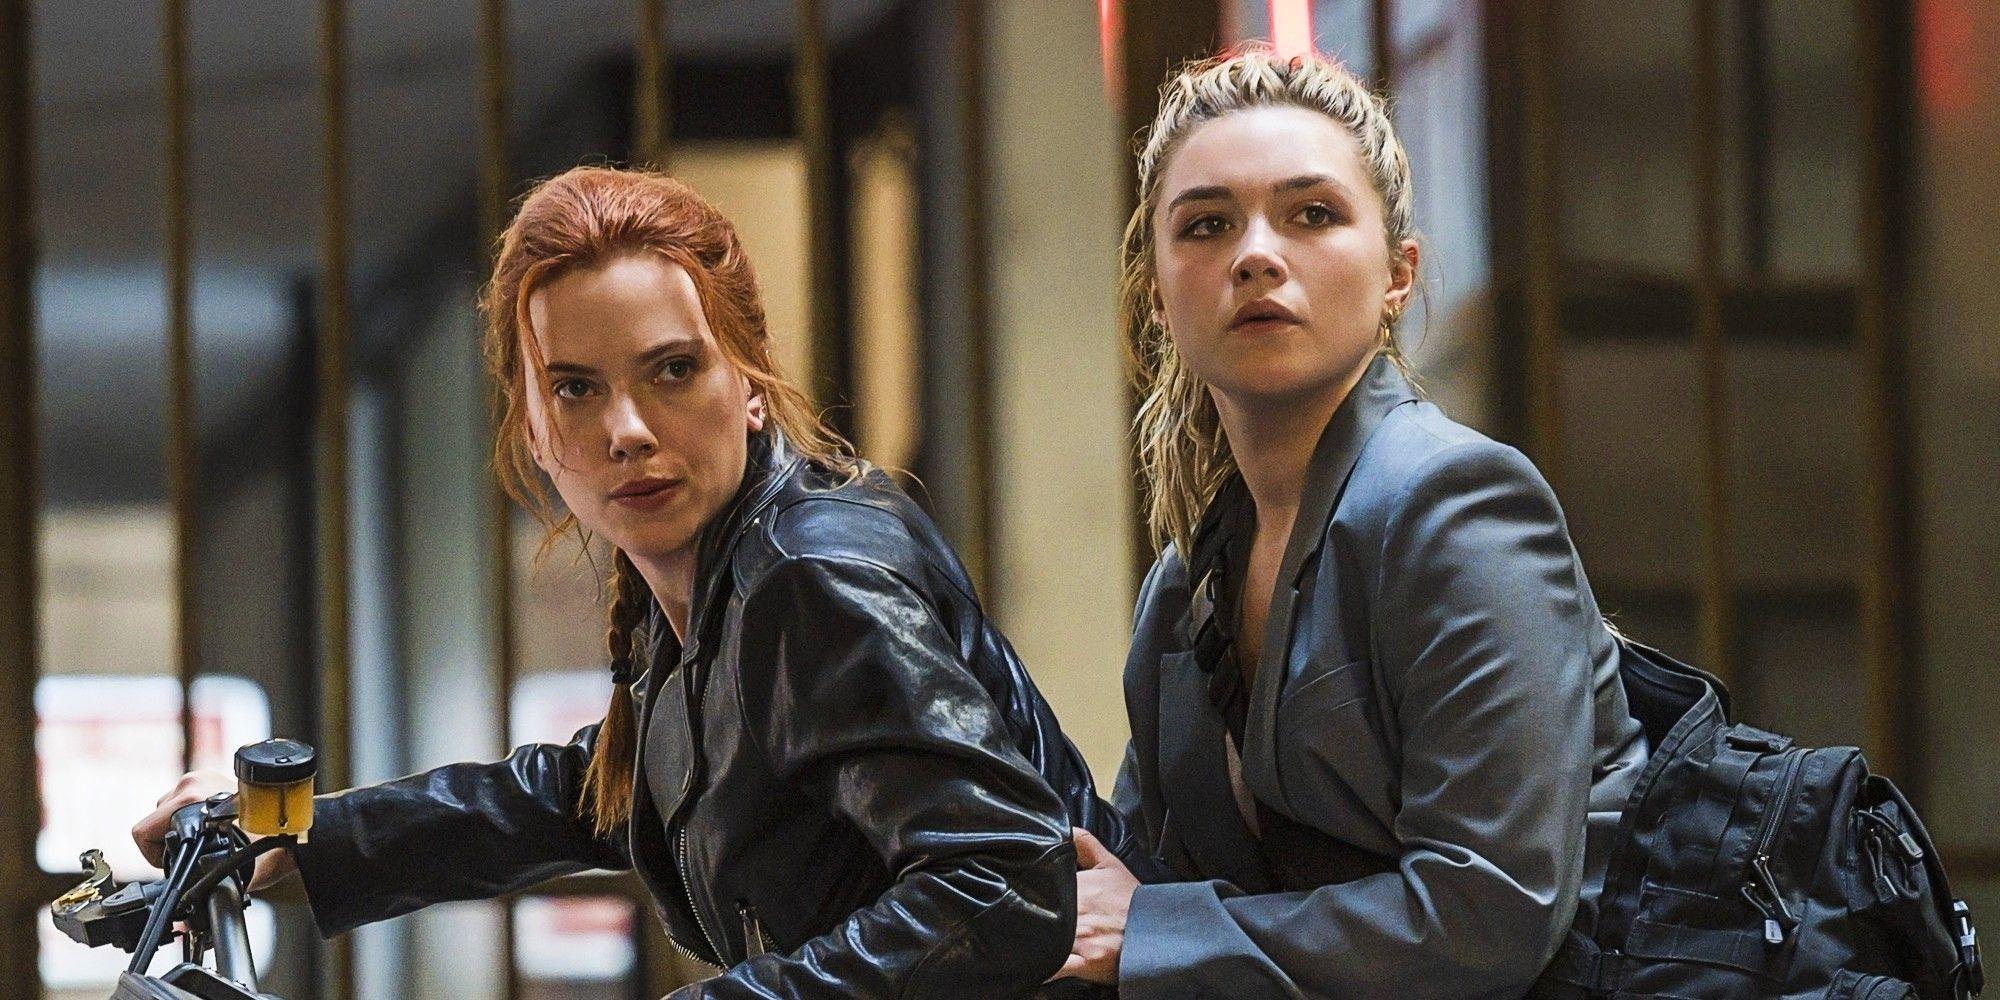 'Viúva Negra': Scarlett Johansson e Florence Pugh revelam detalhes sobre cena do filme